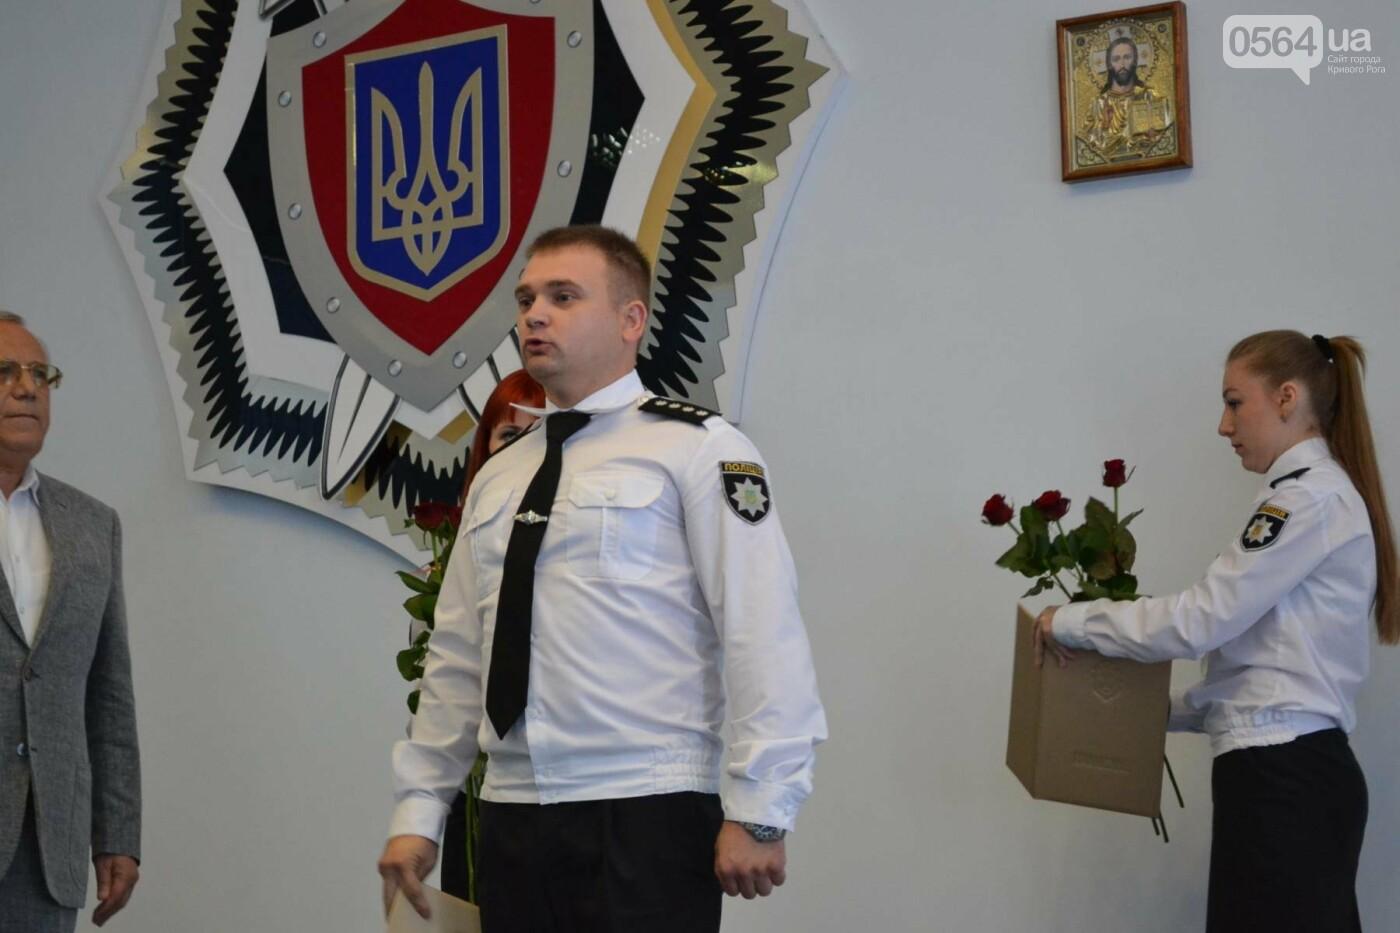 Криворожских полицейских поздравили с профессиональным праздником, - ФОТО, ВИДЕО, фото-11